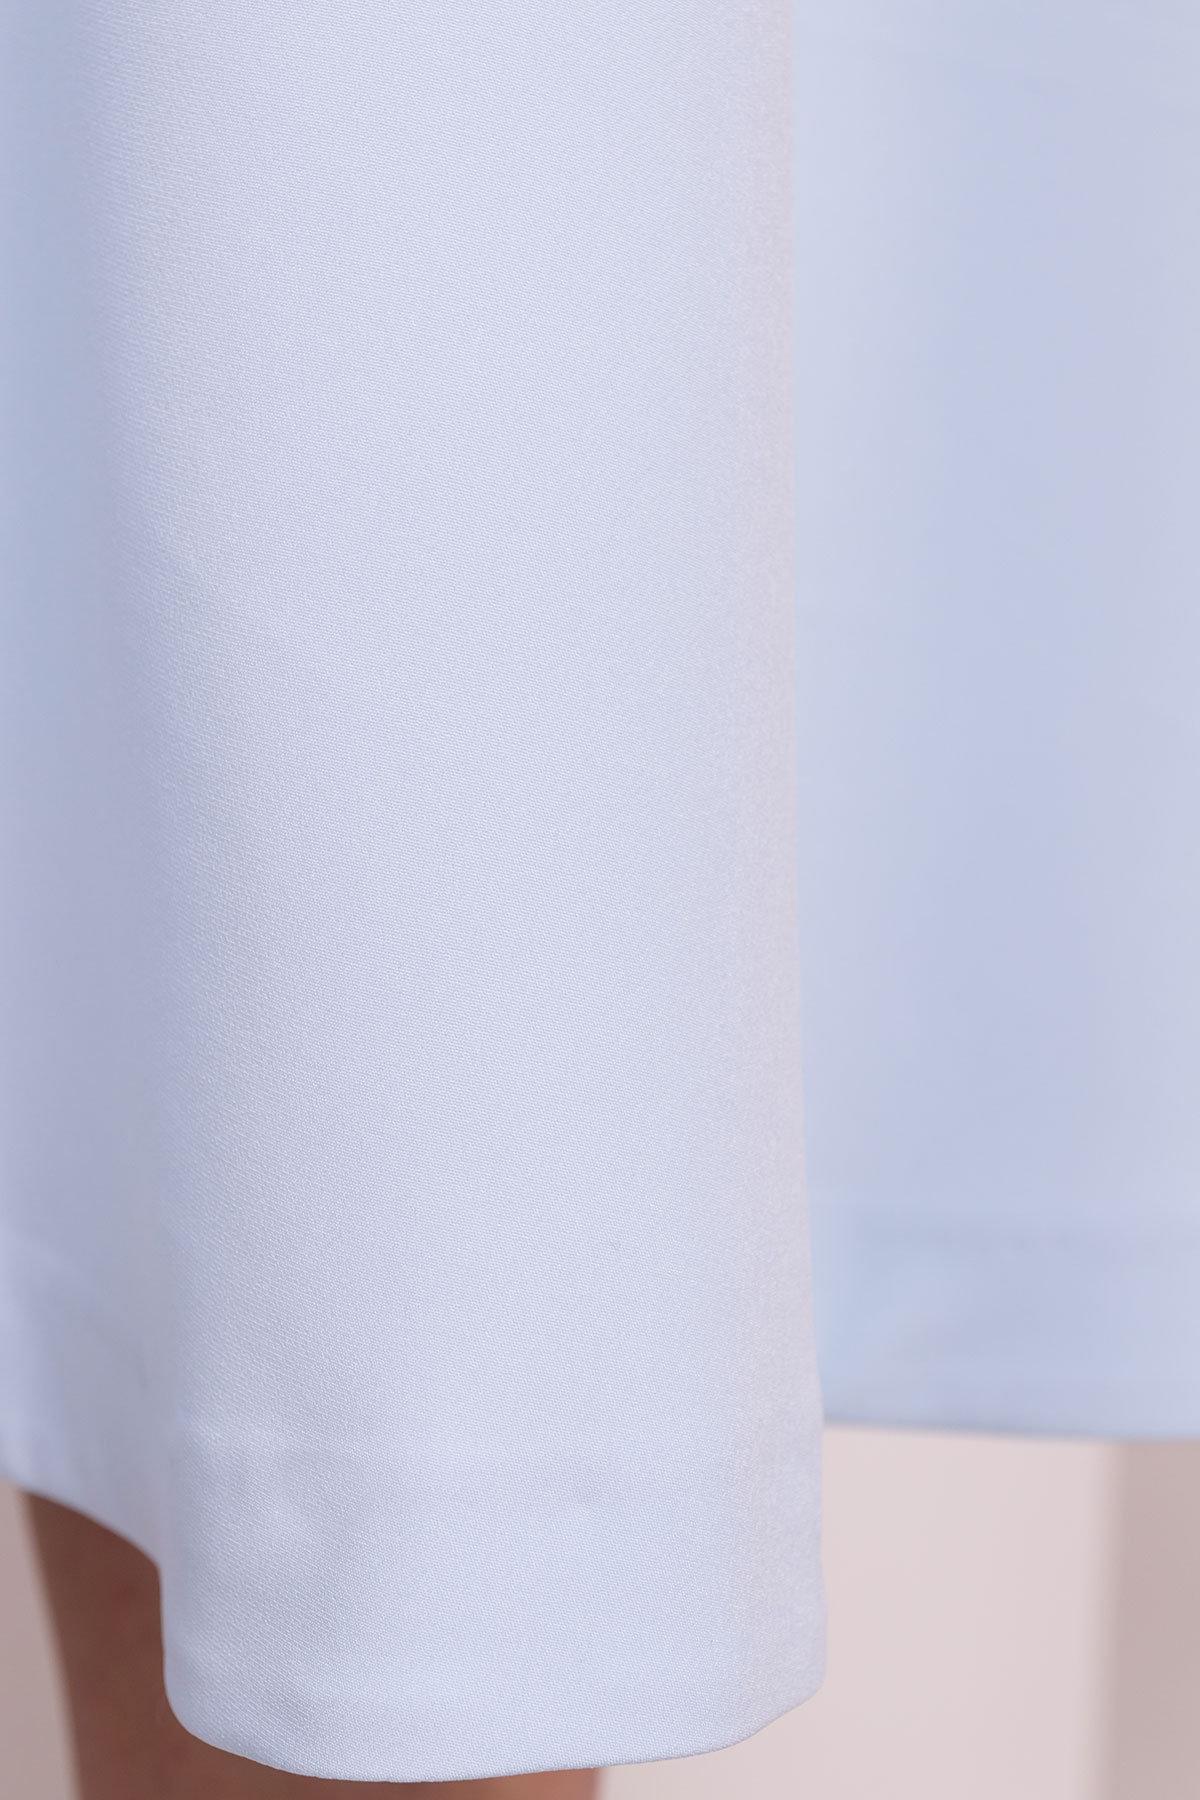 Юбка миди полусолнце Коста 5025 АРТ. 35516 Цвет: Голубой - фото 3, интернет магазин tm-modus.ru